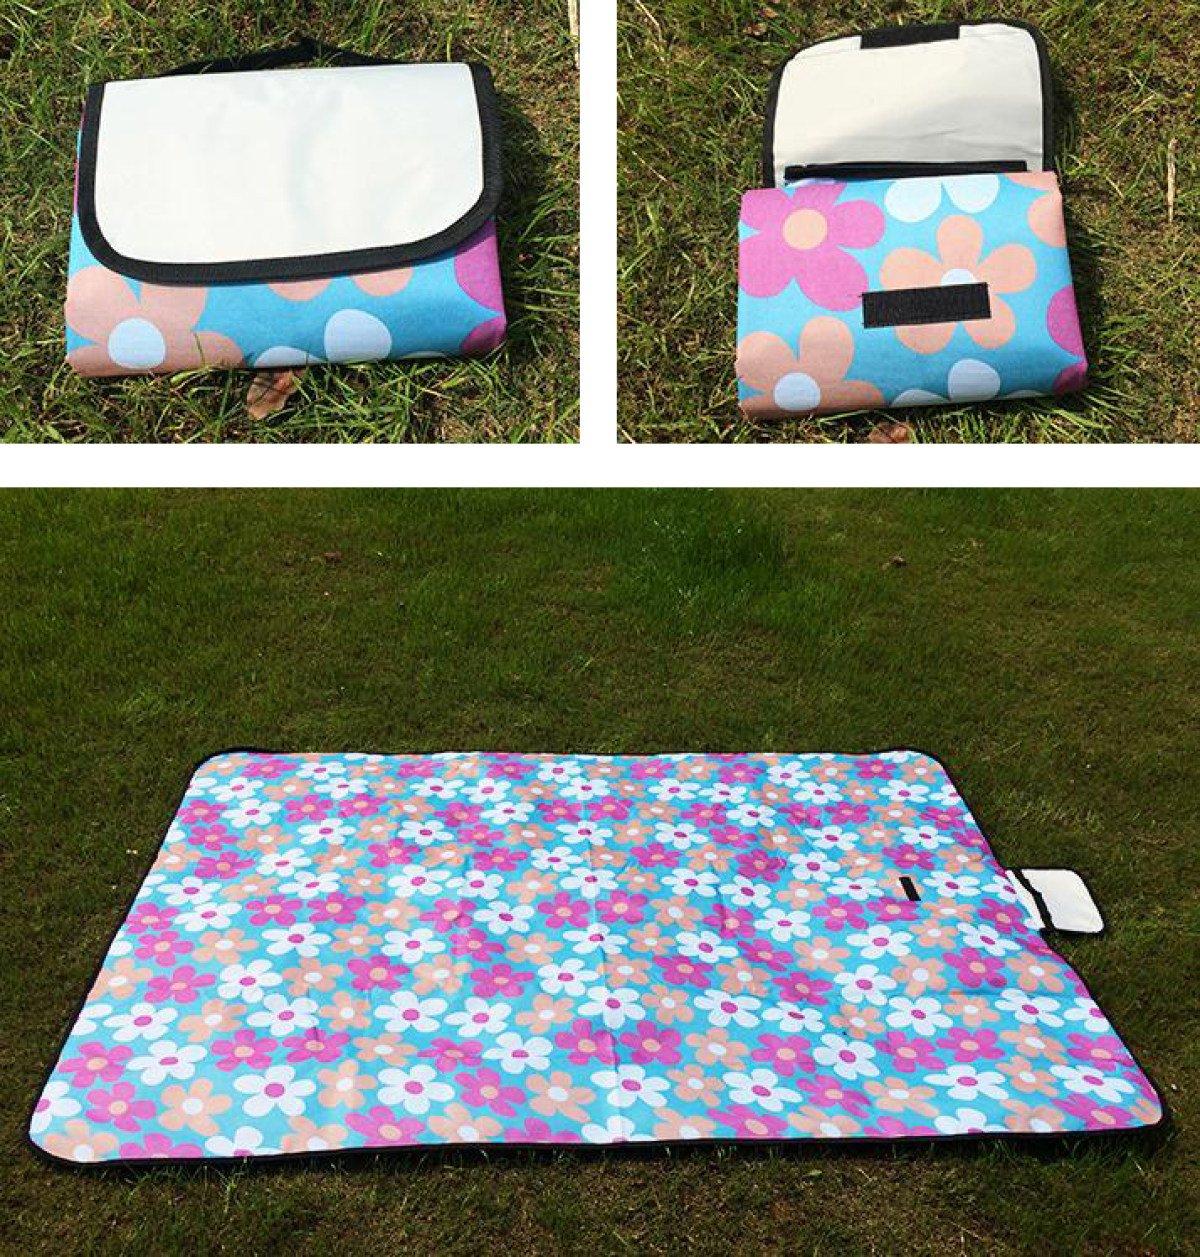 Outdoor Grill Grill Grill Reisen Wasserdicht Tragbar Strandtuch Feuchtigkeitsfest Picknickmatte 150  200cm,C-150150cm B073CCCLBP Picknickdecken Nutzen Sie Materialien voll aus a7f1aa